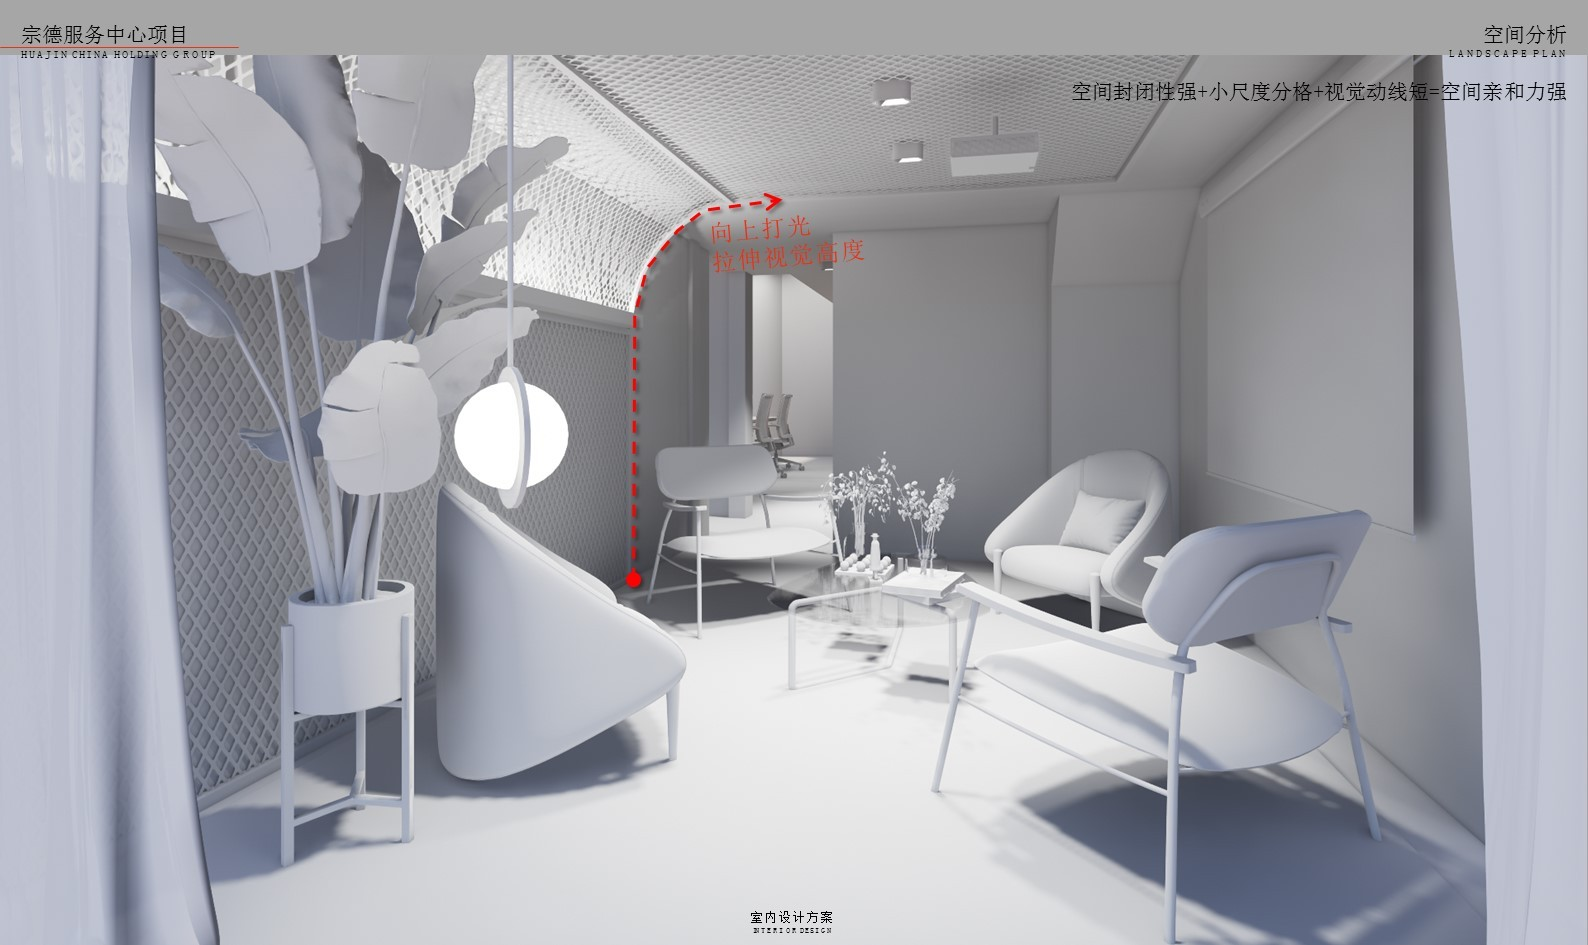 售樓部樣板間 軟裝改造插图(22)